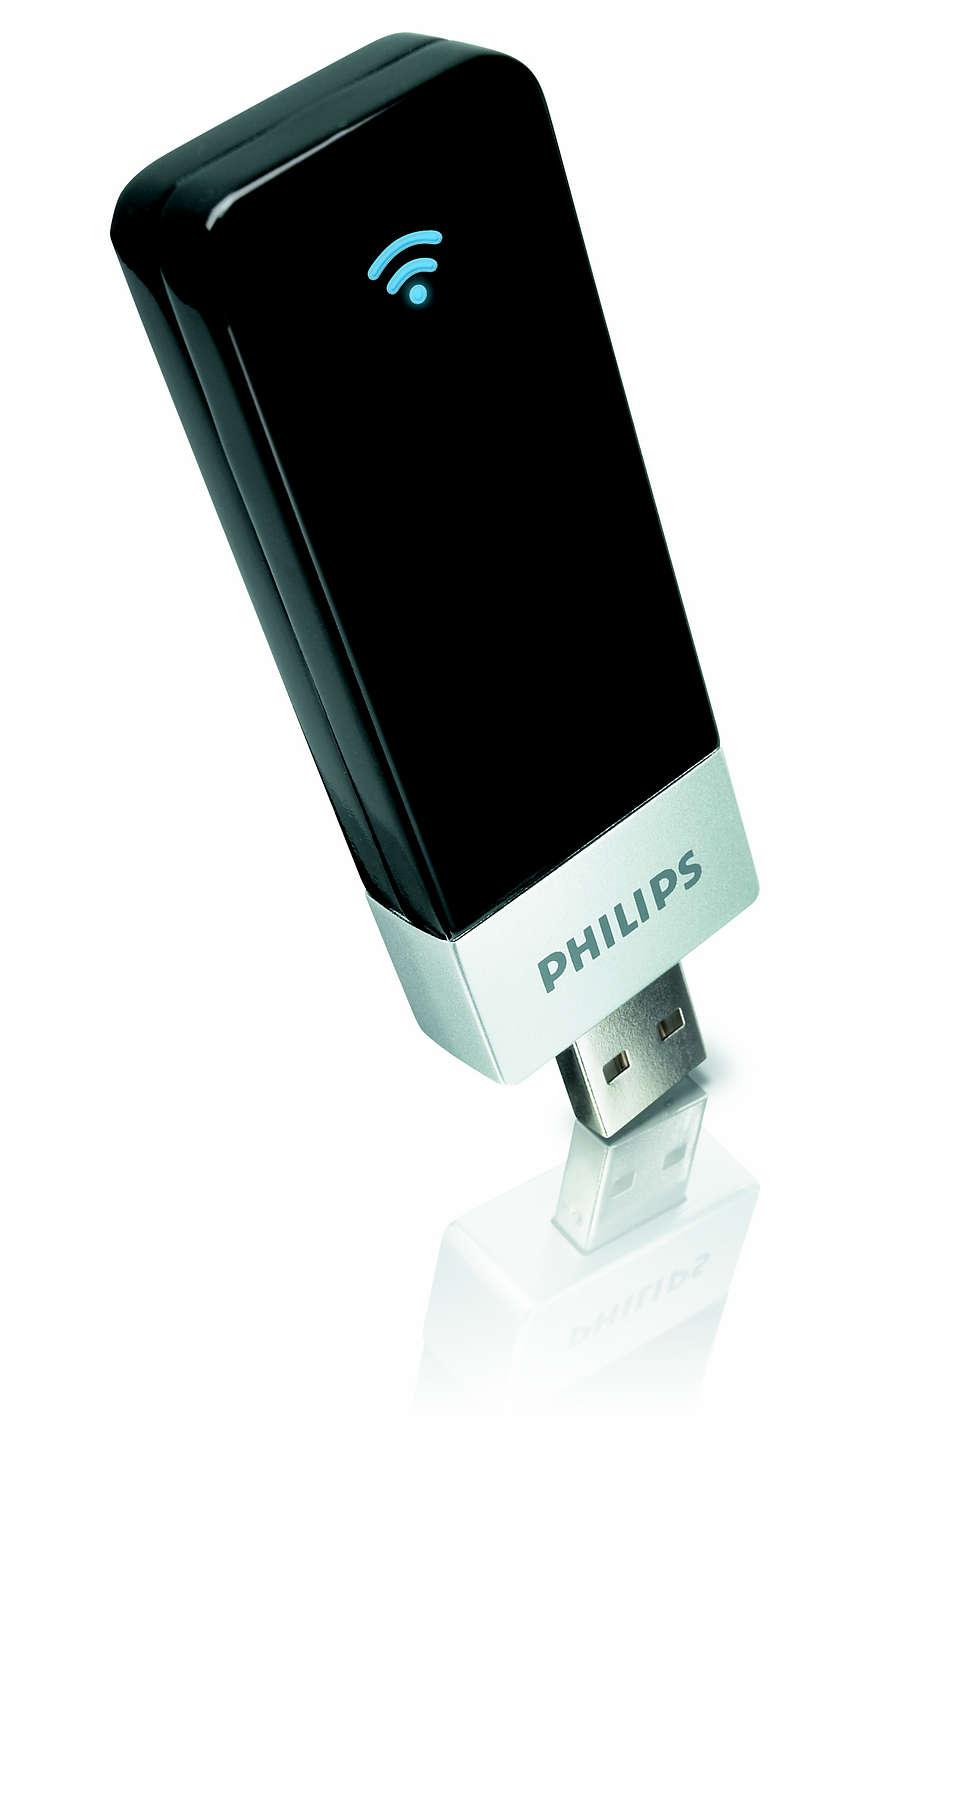 Adattatore USB wireless